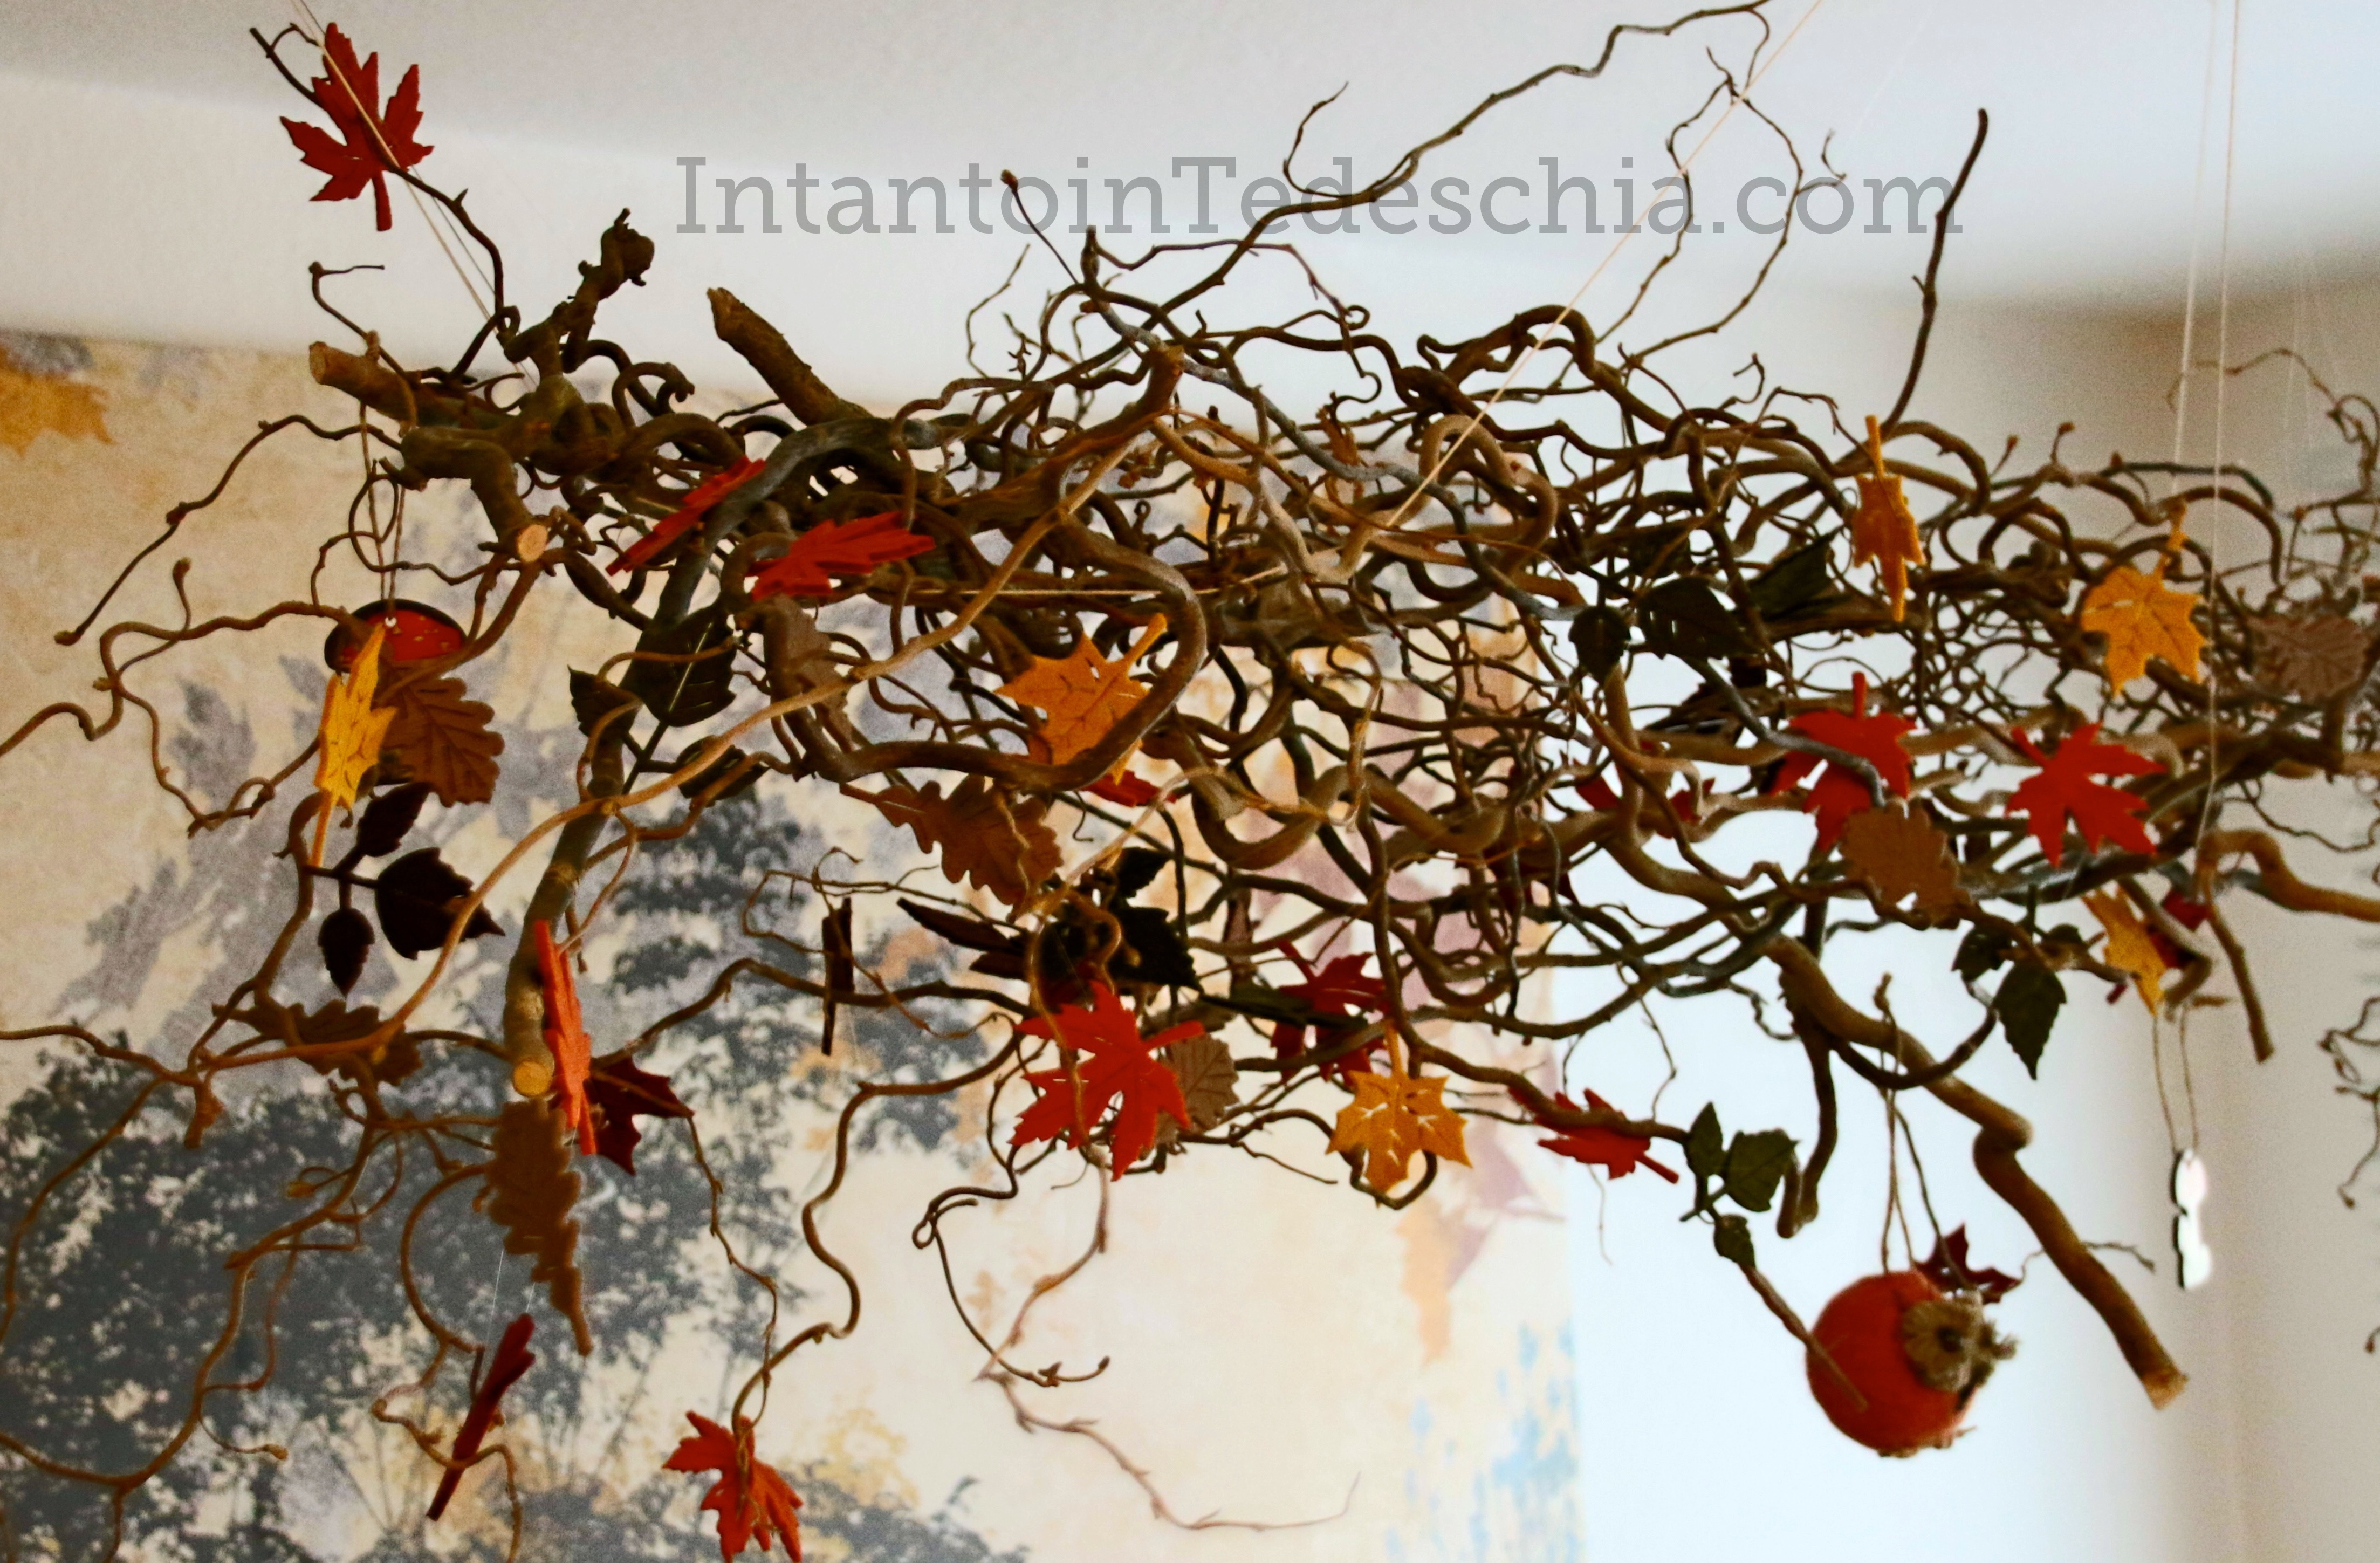 Herbstdeko e arrivato l autunno - Decorazioni autunnali per finestre ...